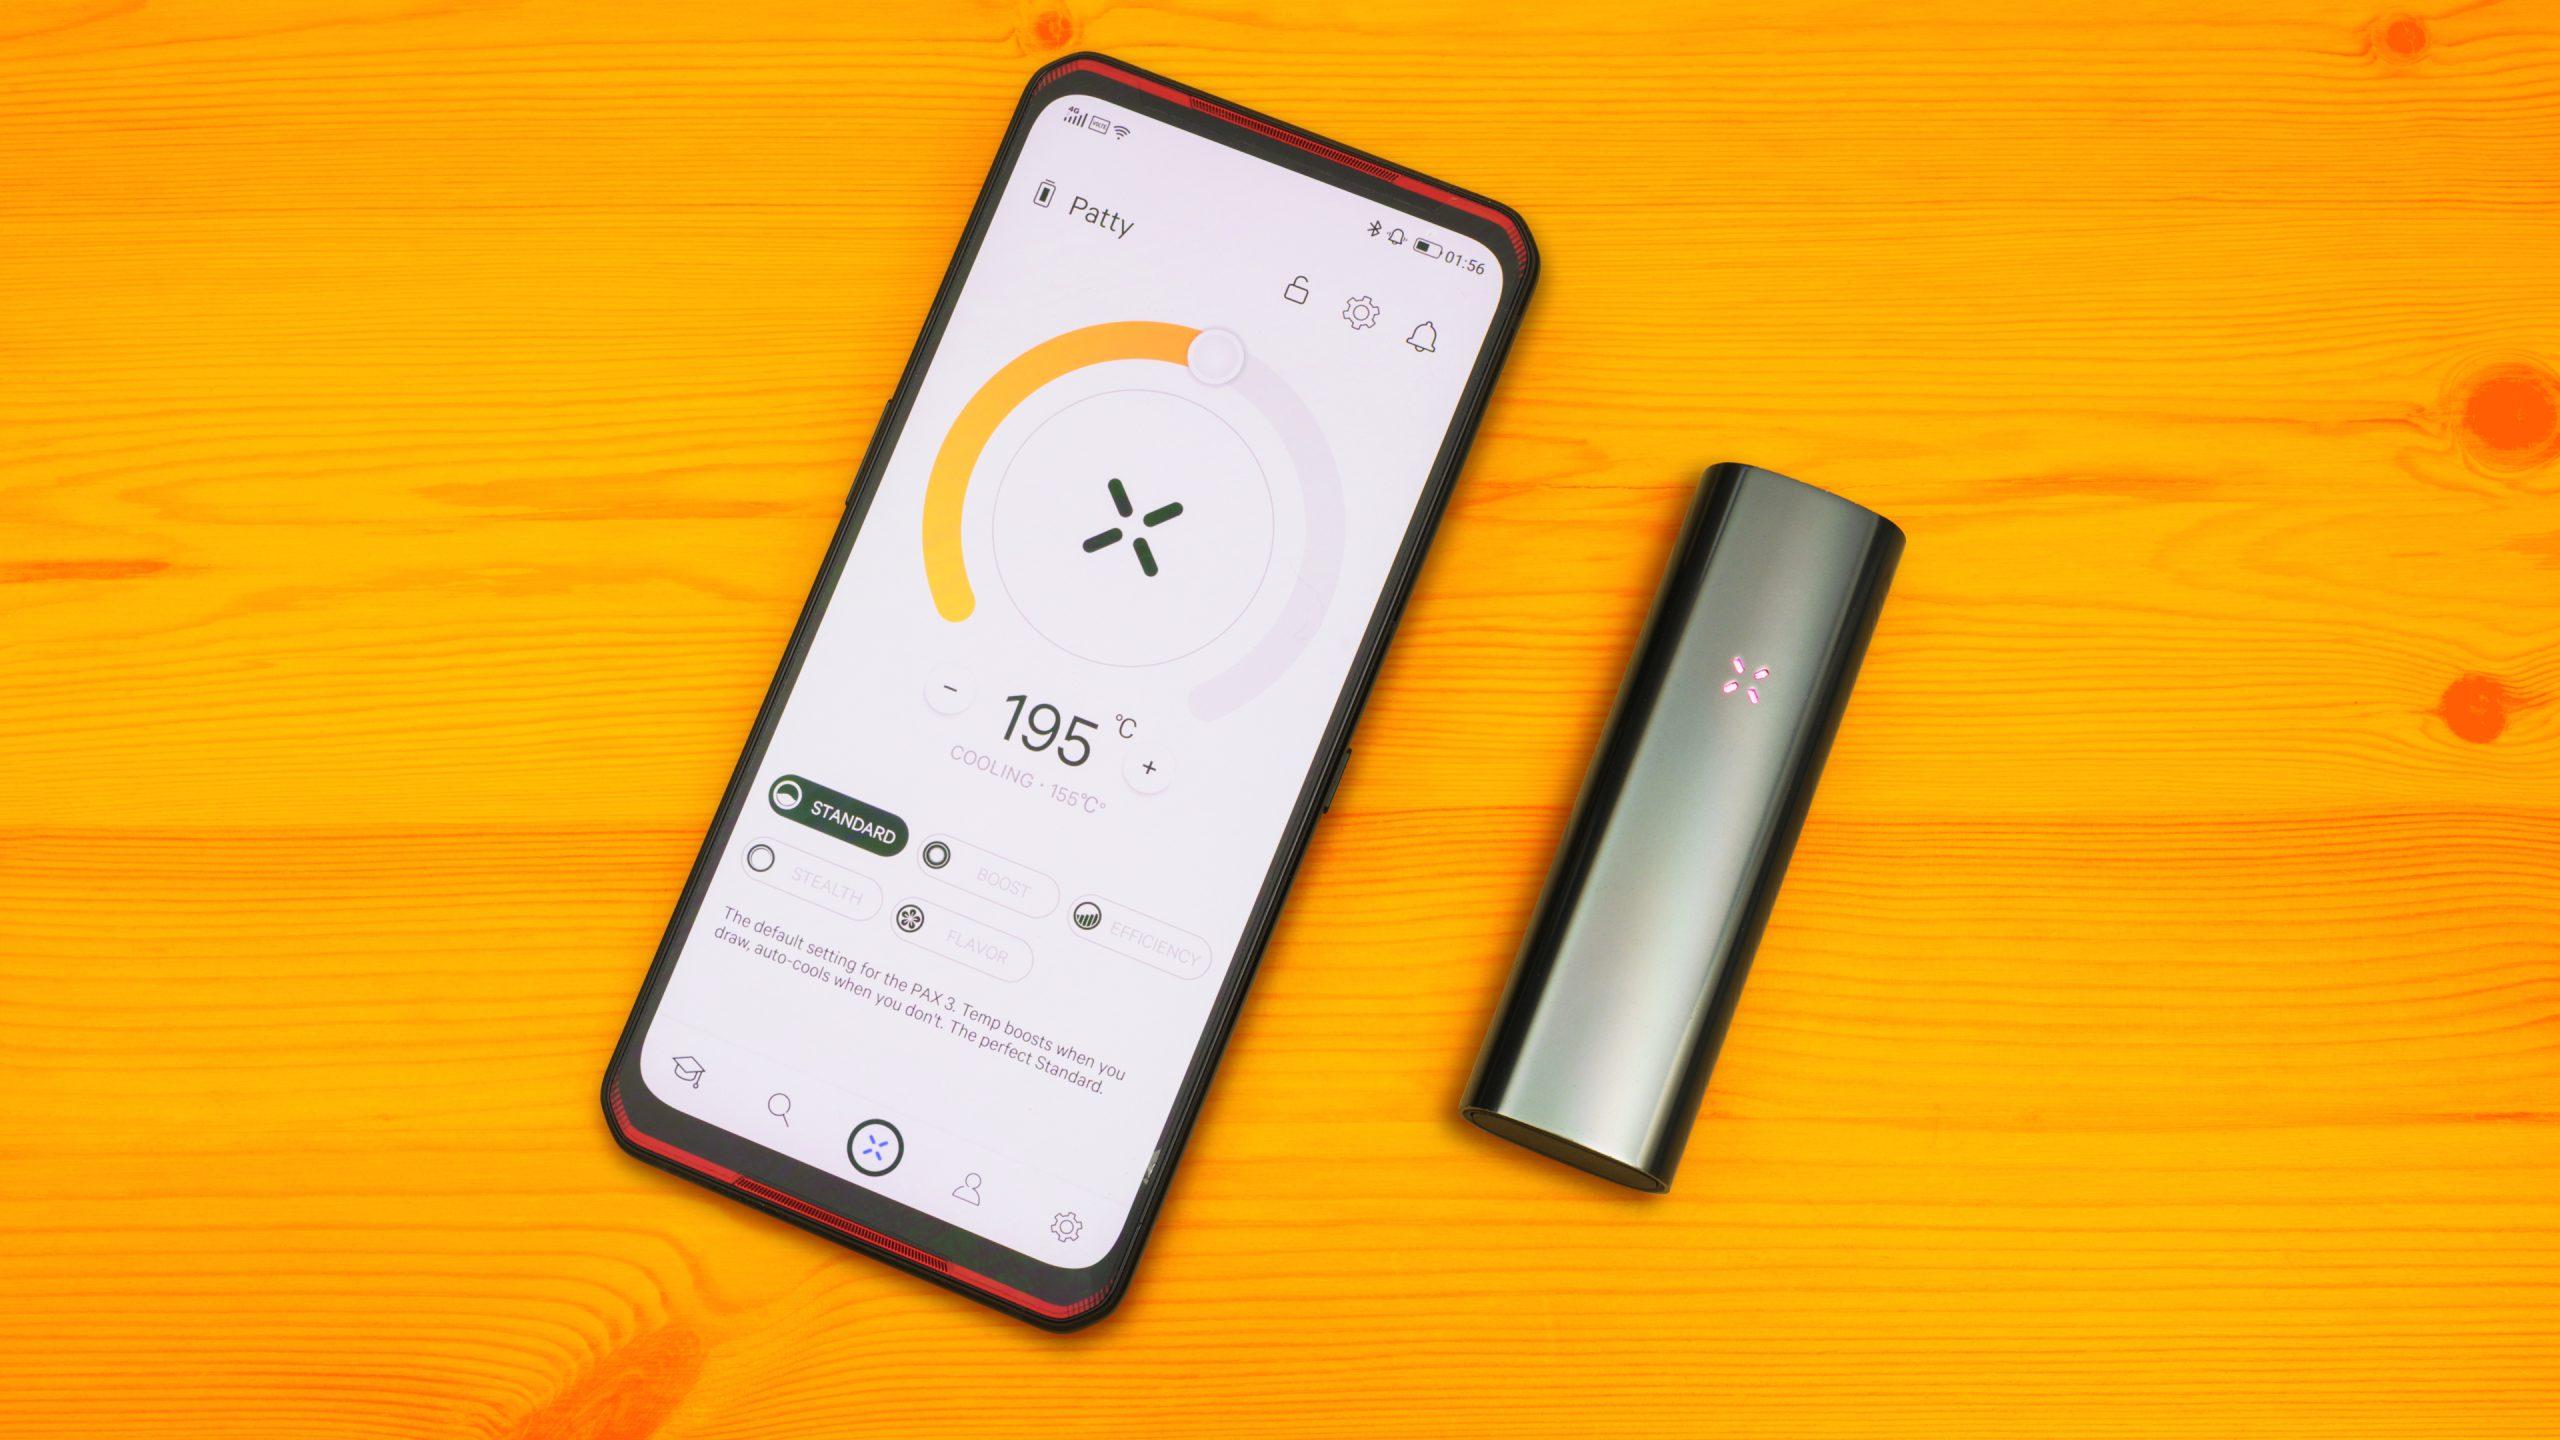 Bovenaanzicht van de PAX App op een smartphone, met daarnaast de verdamper zelf.